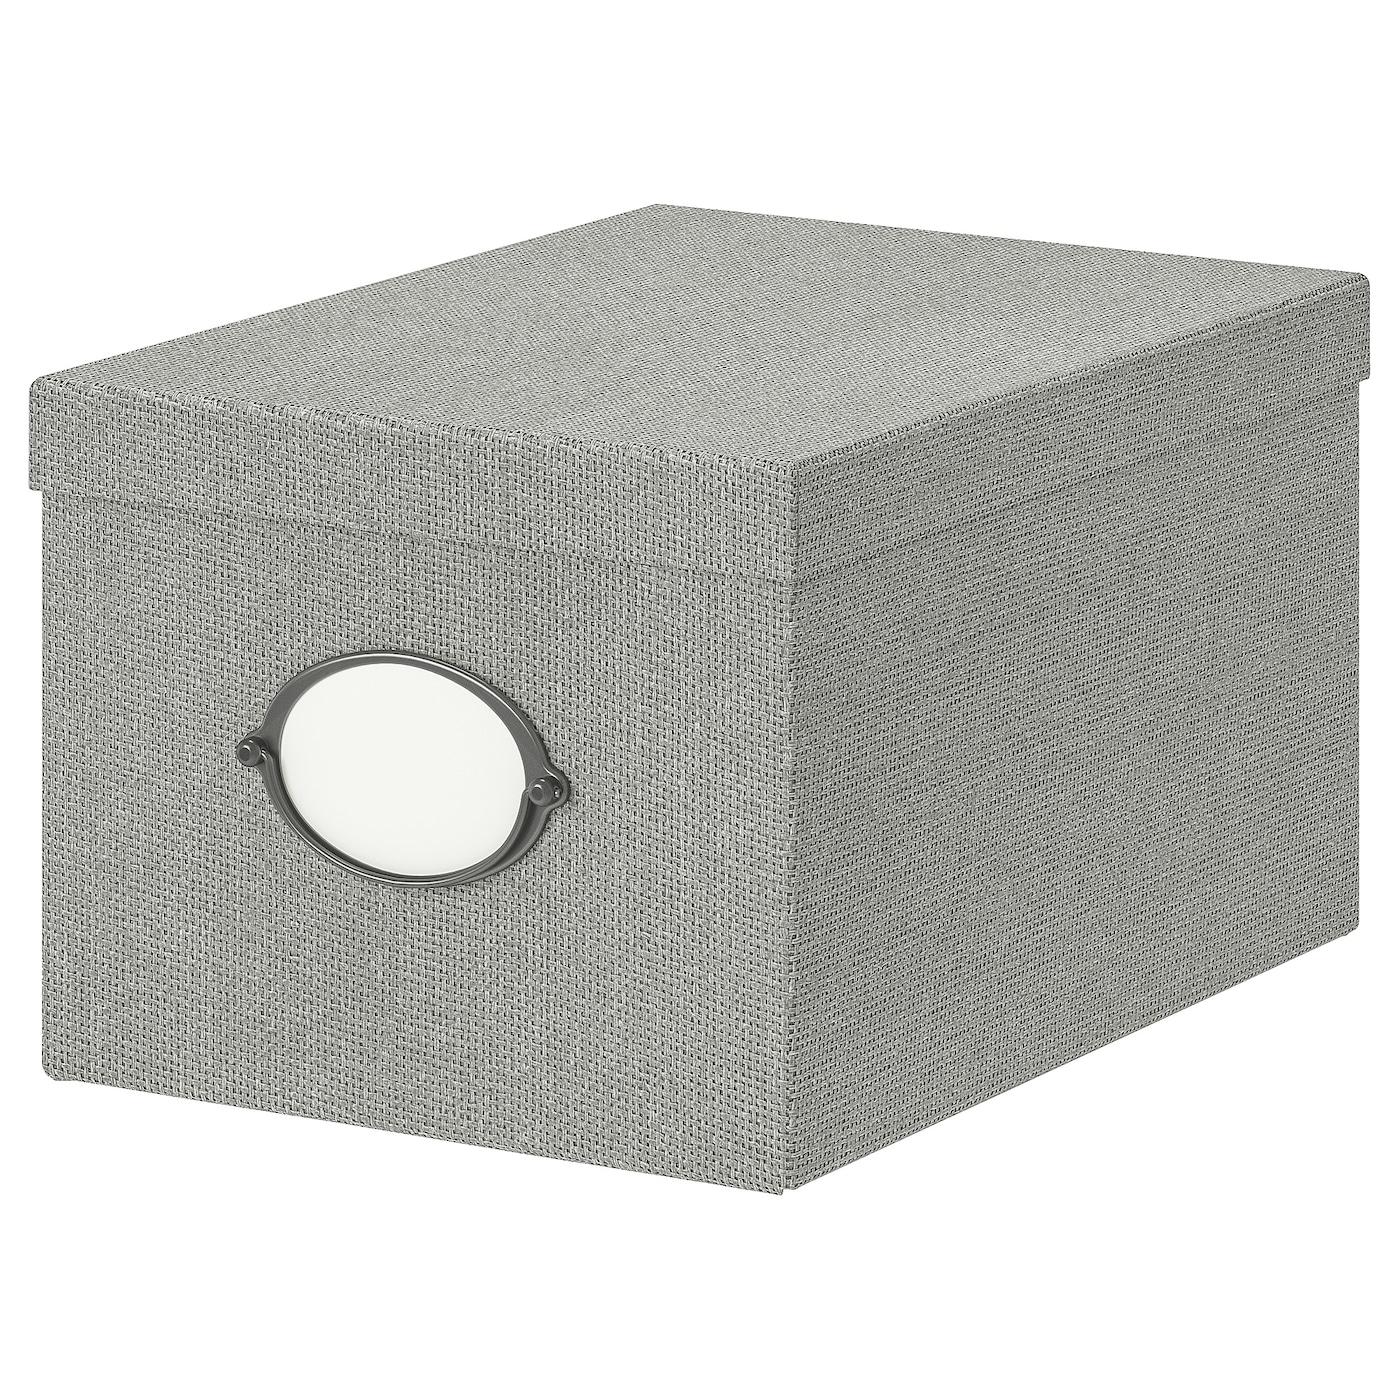 IKEA KVARNVIK Kasten mit Deckel – 35 x 25 x 20 cm